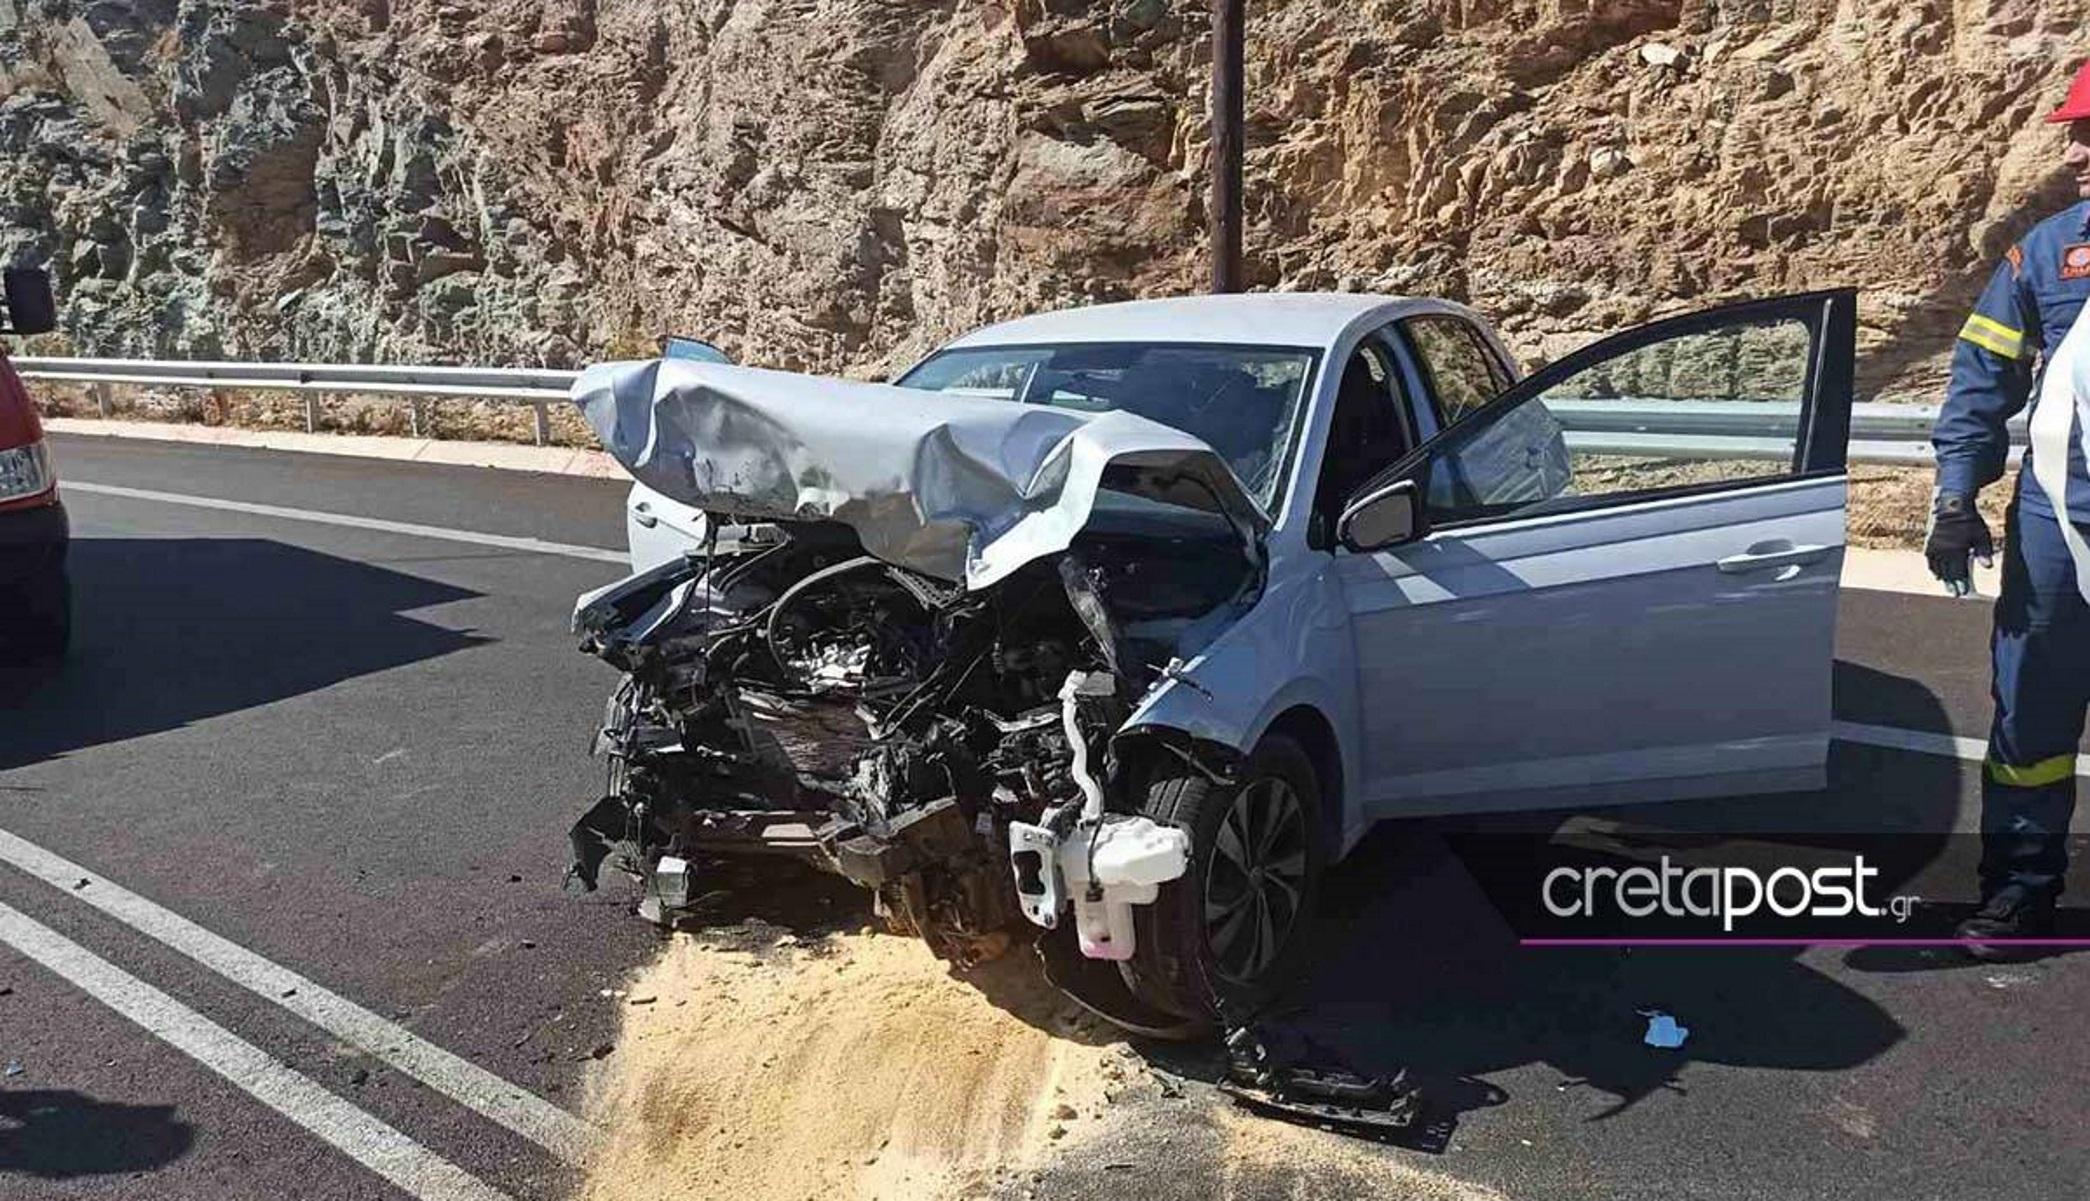 ΒΟΑΚ: Τρεις τραυματίες σε μετωπική σύγκρουση αυτοκινήτων – Τους απεγκλώβισε η ΕΜΑΚ